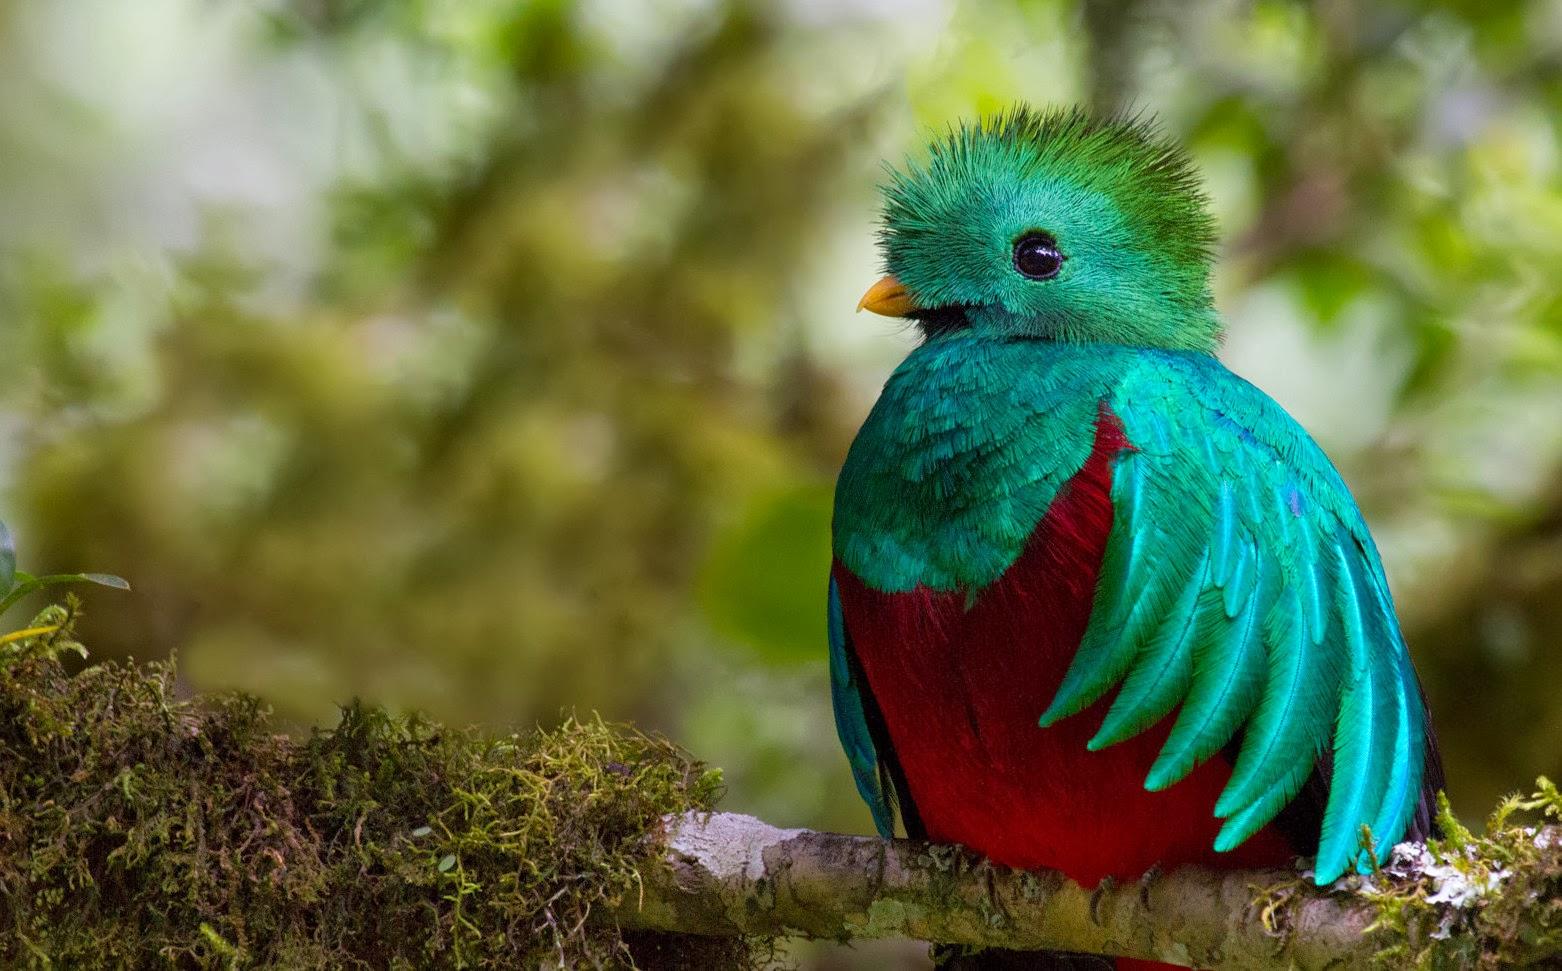 Resplendent Quetzal | Remarkable Pictures